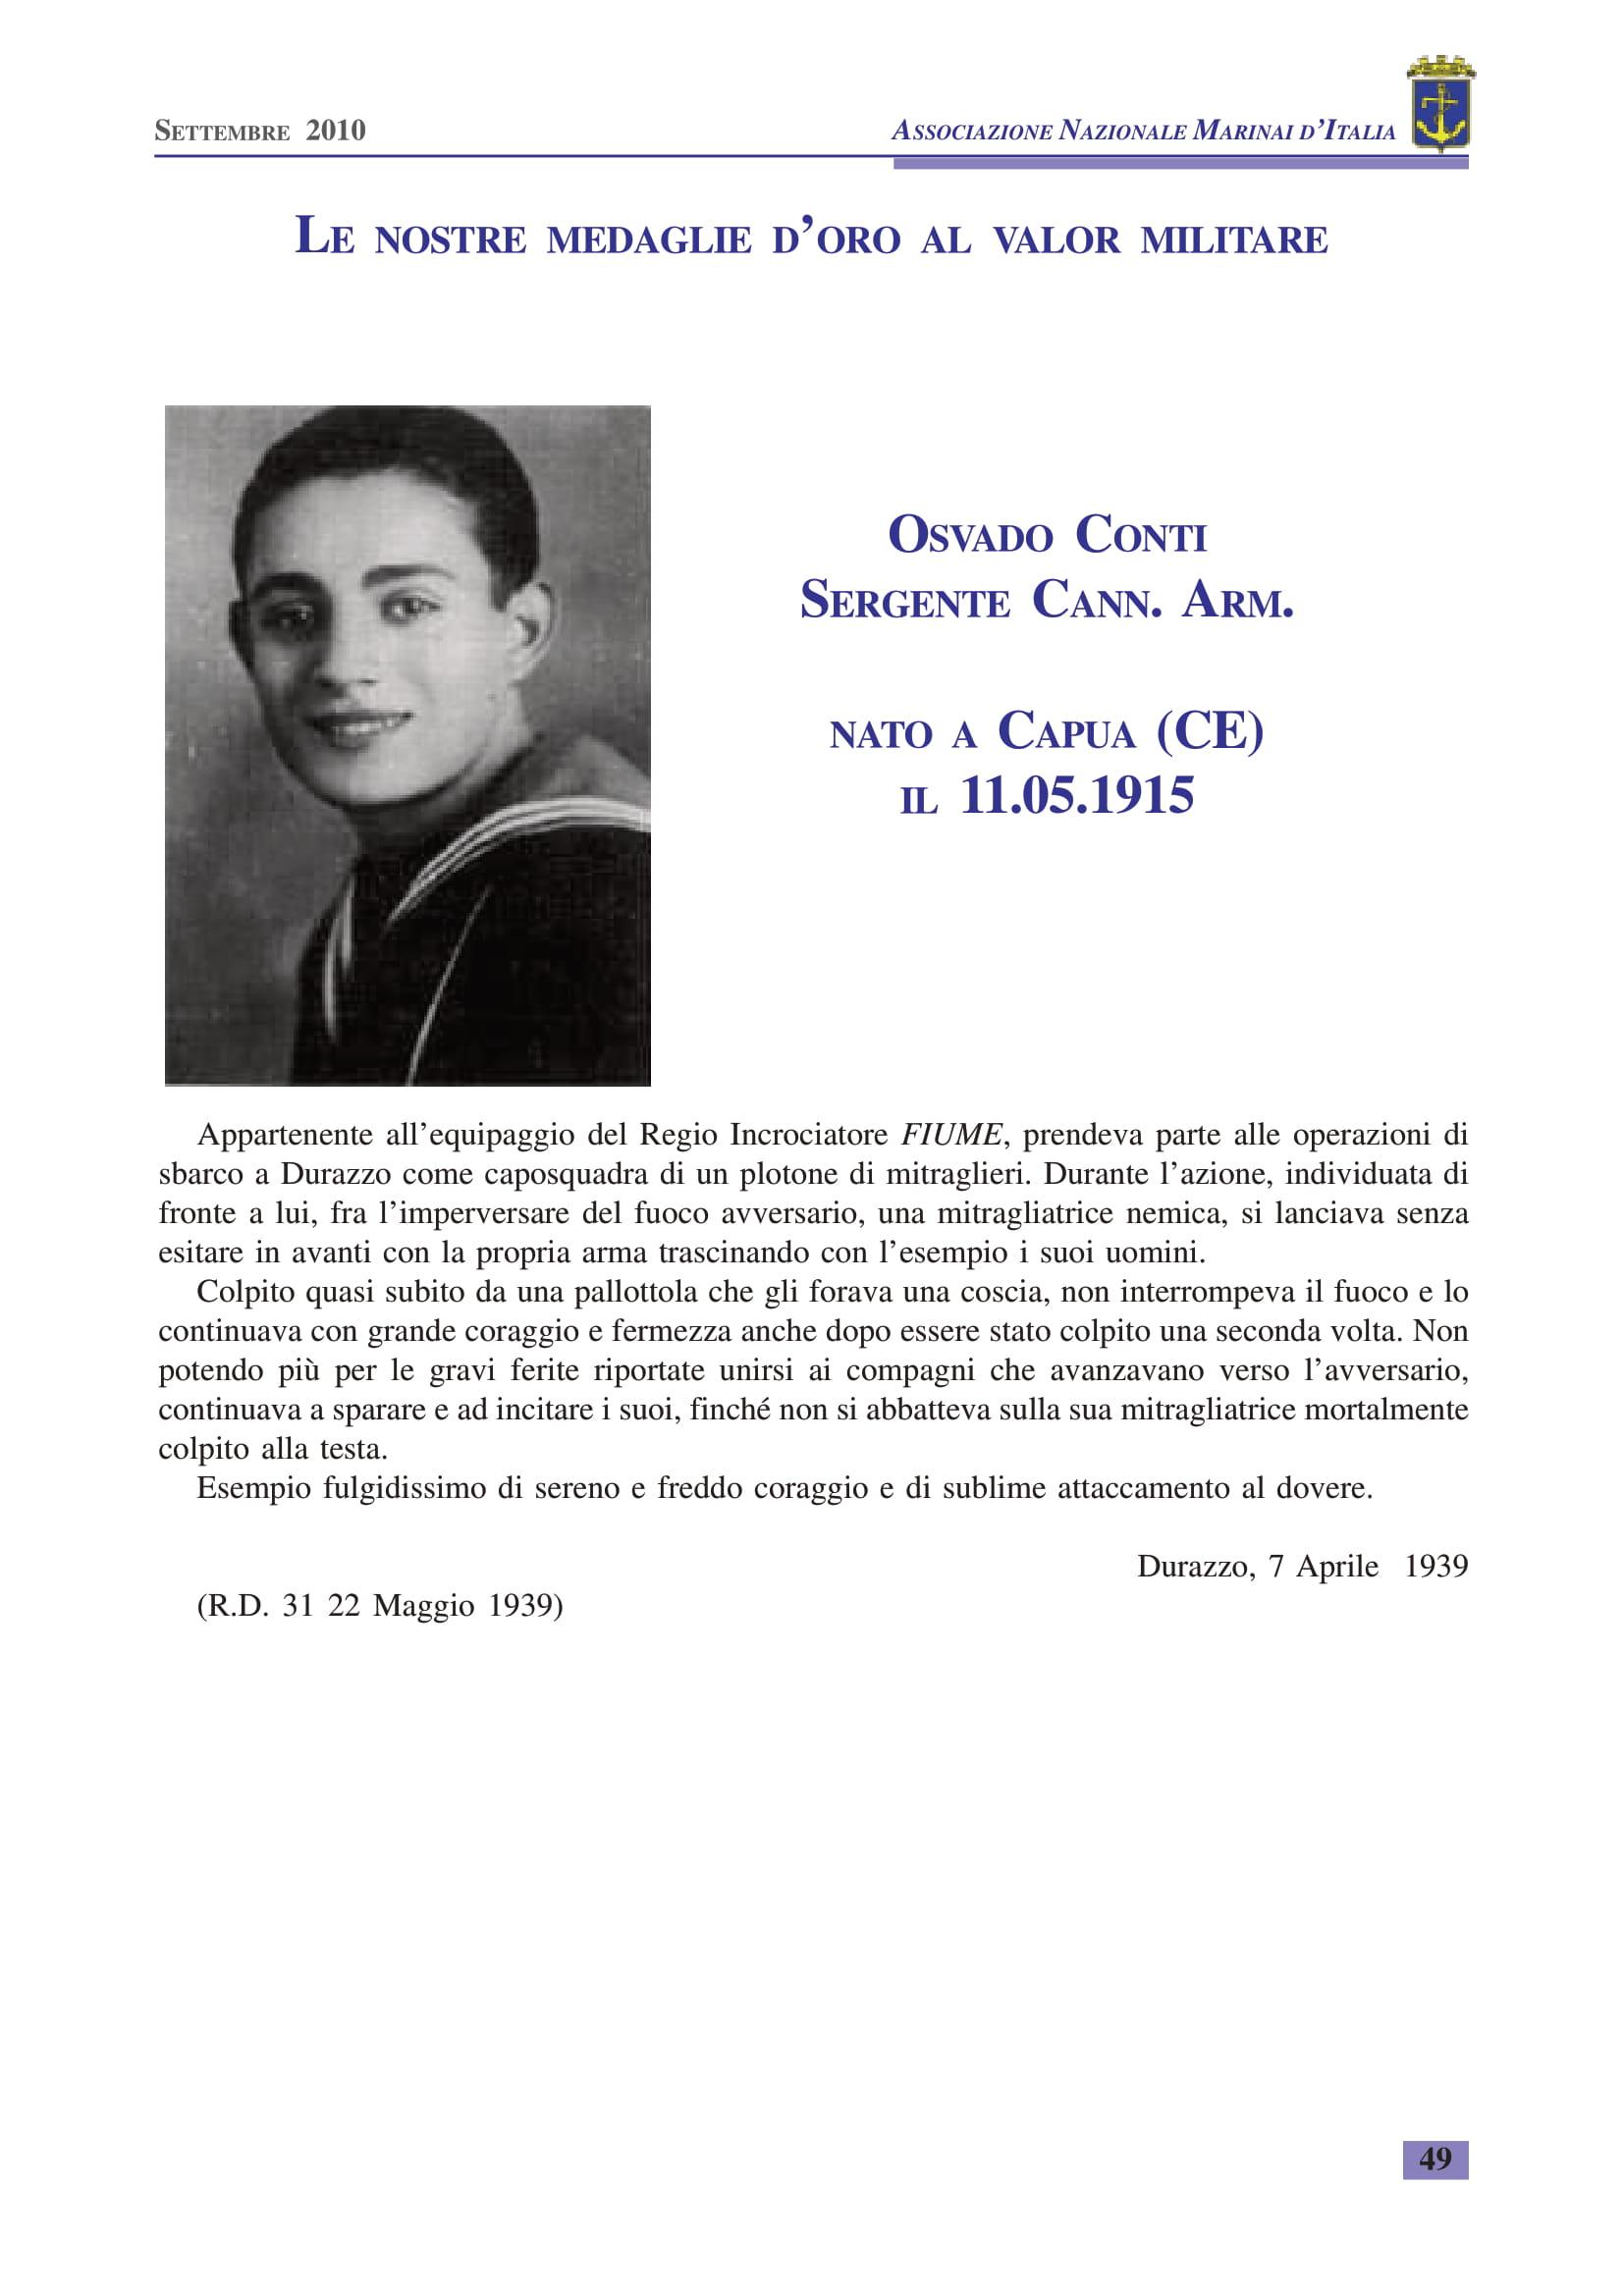 Ass. marinai-49